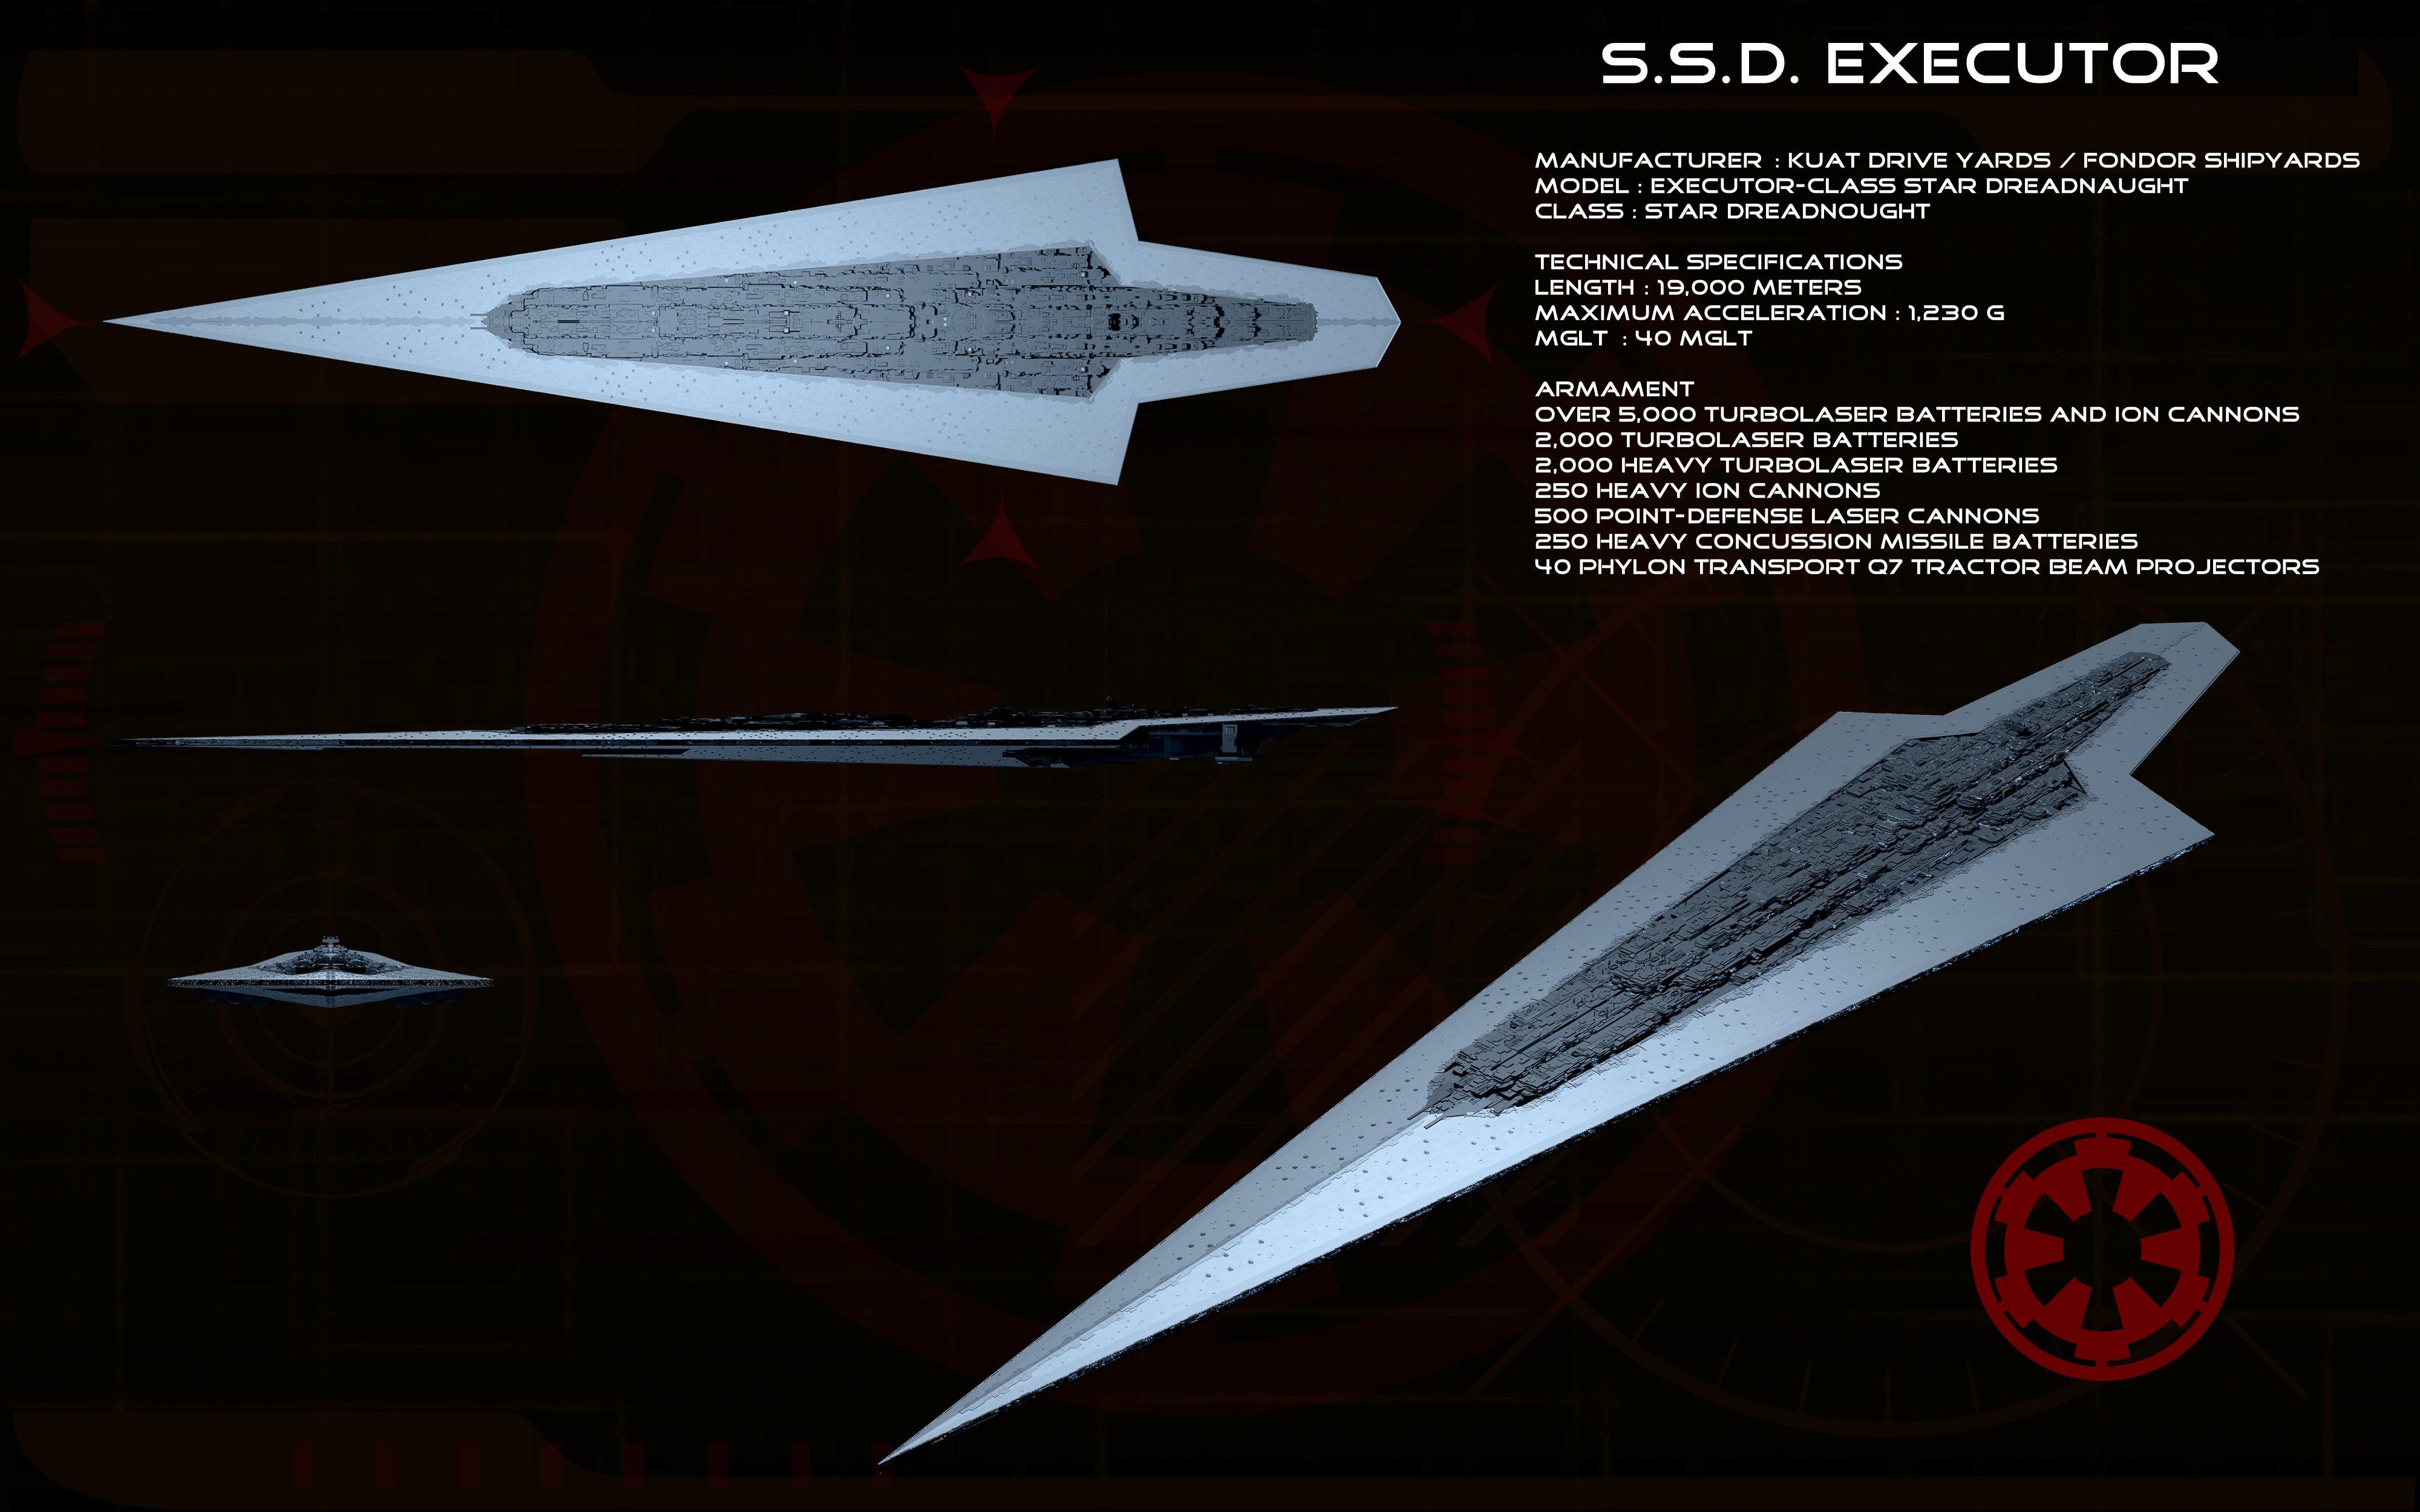 Super Star Destroyer ortho - Executor by unusualsuspex.deviantart.com on @deviantART